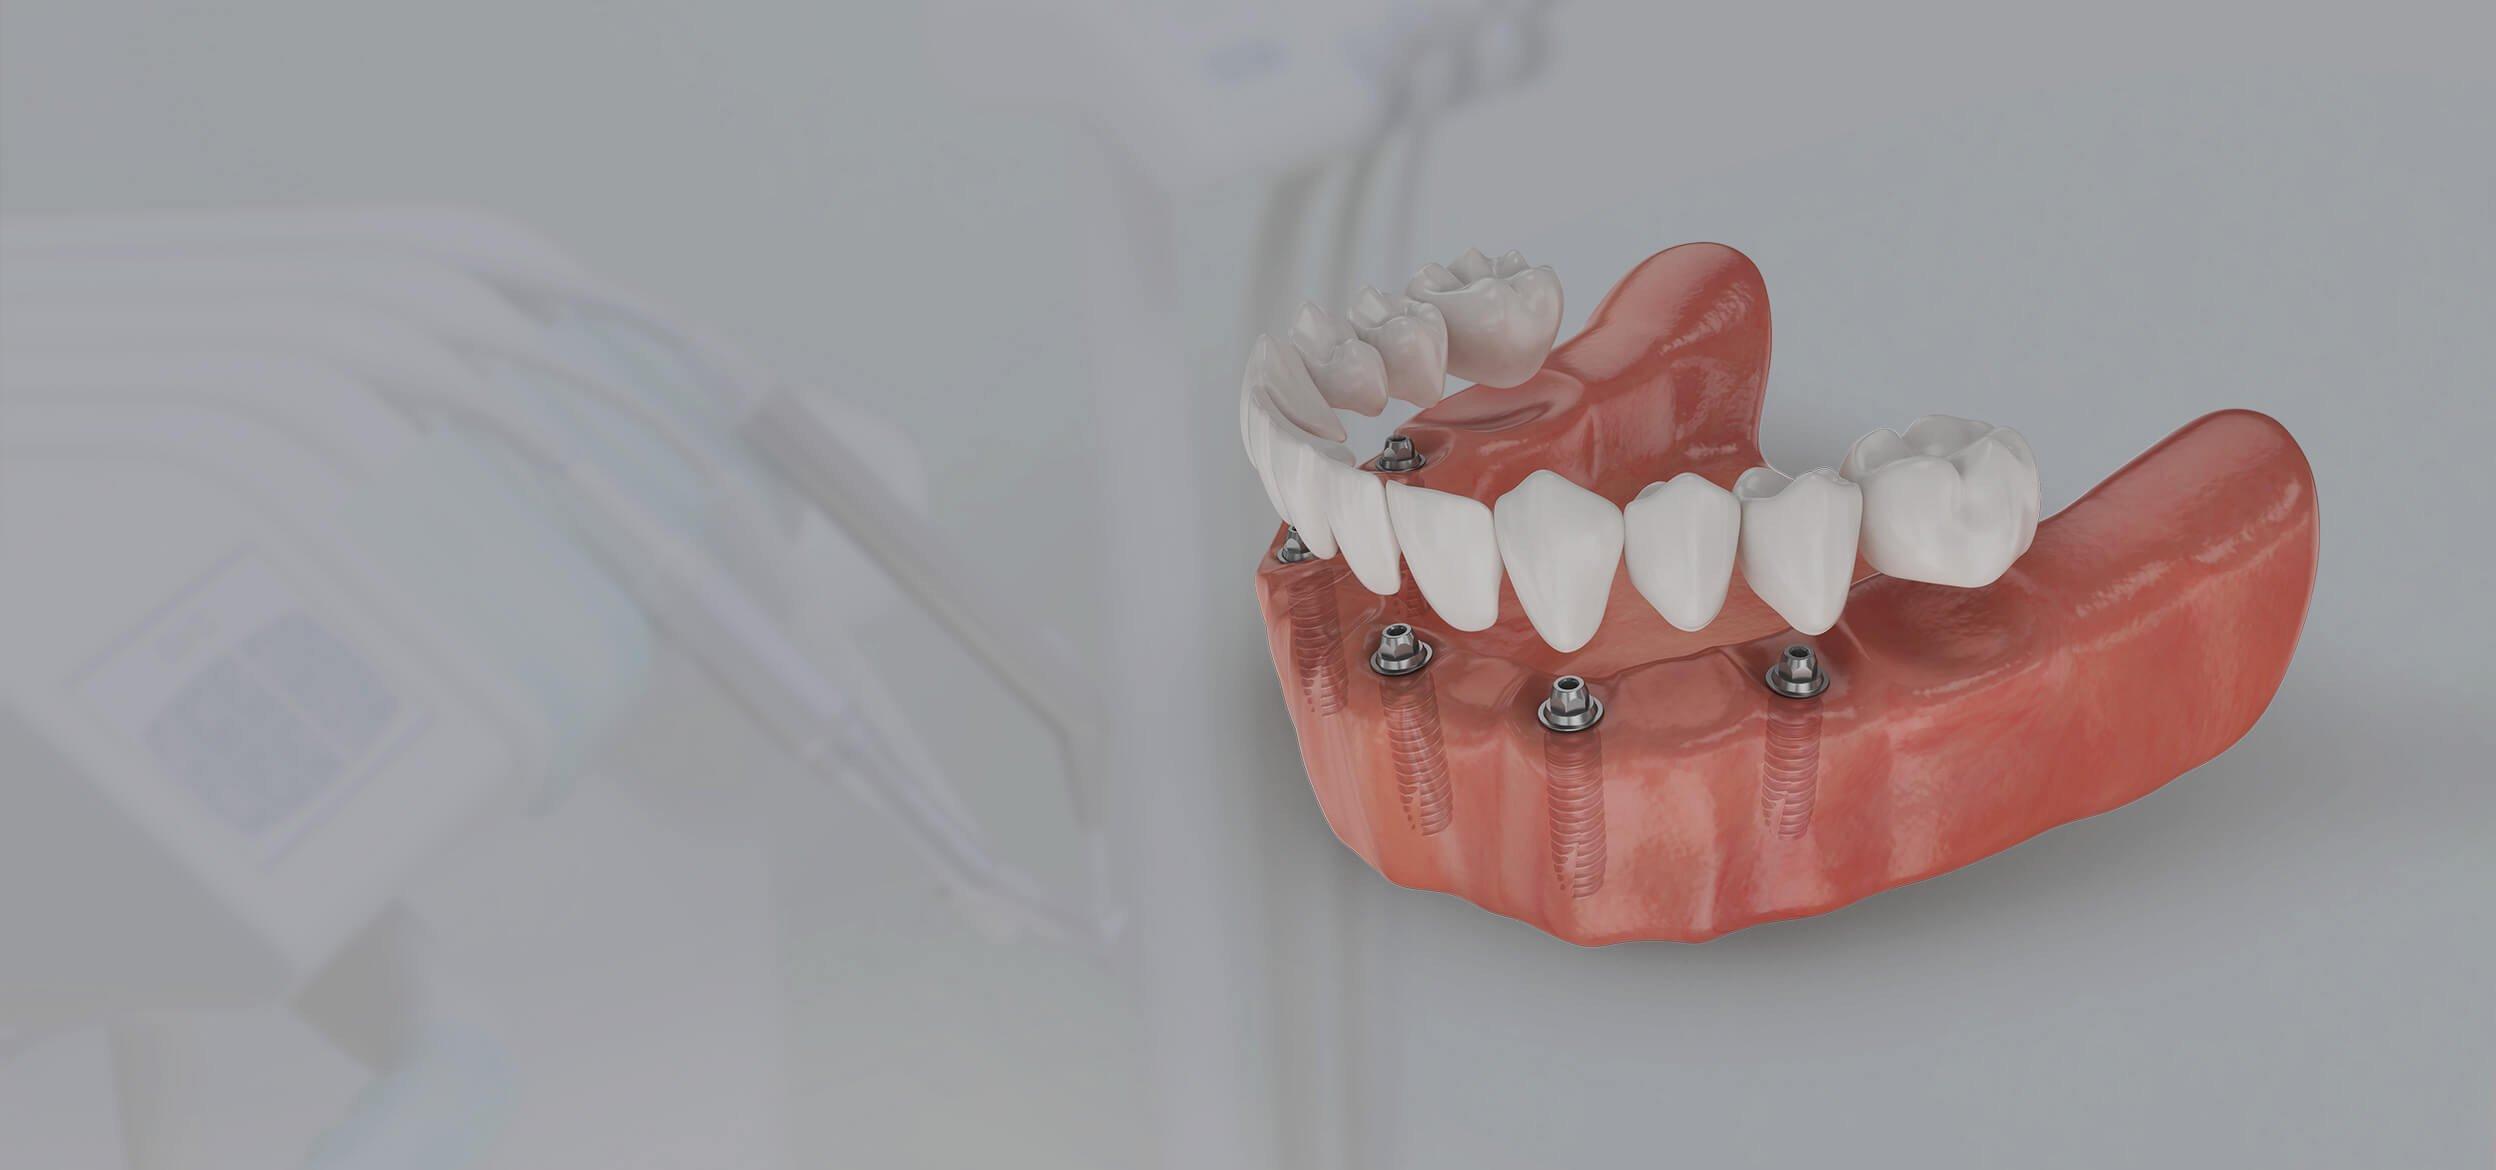 Есть ли гарантия на съемные зубной протезы